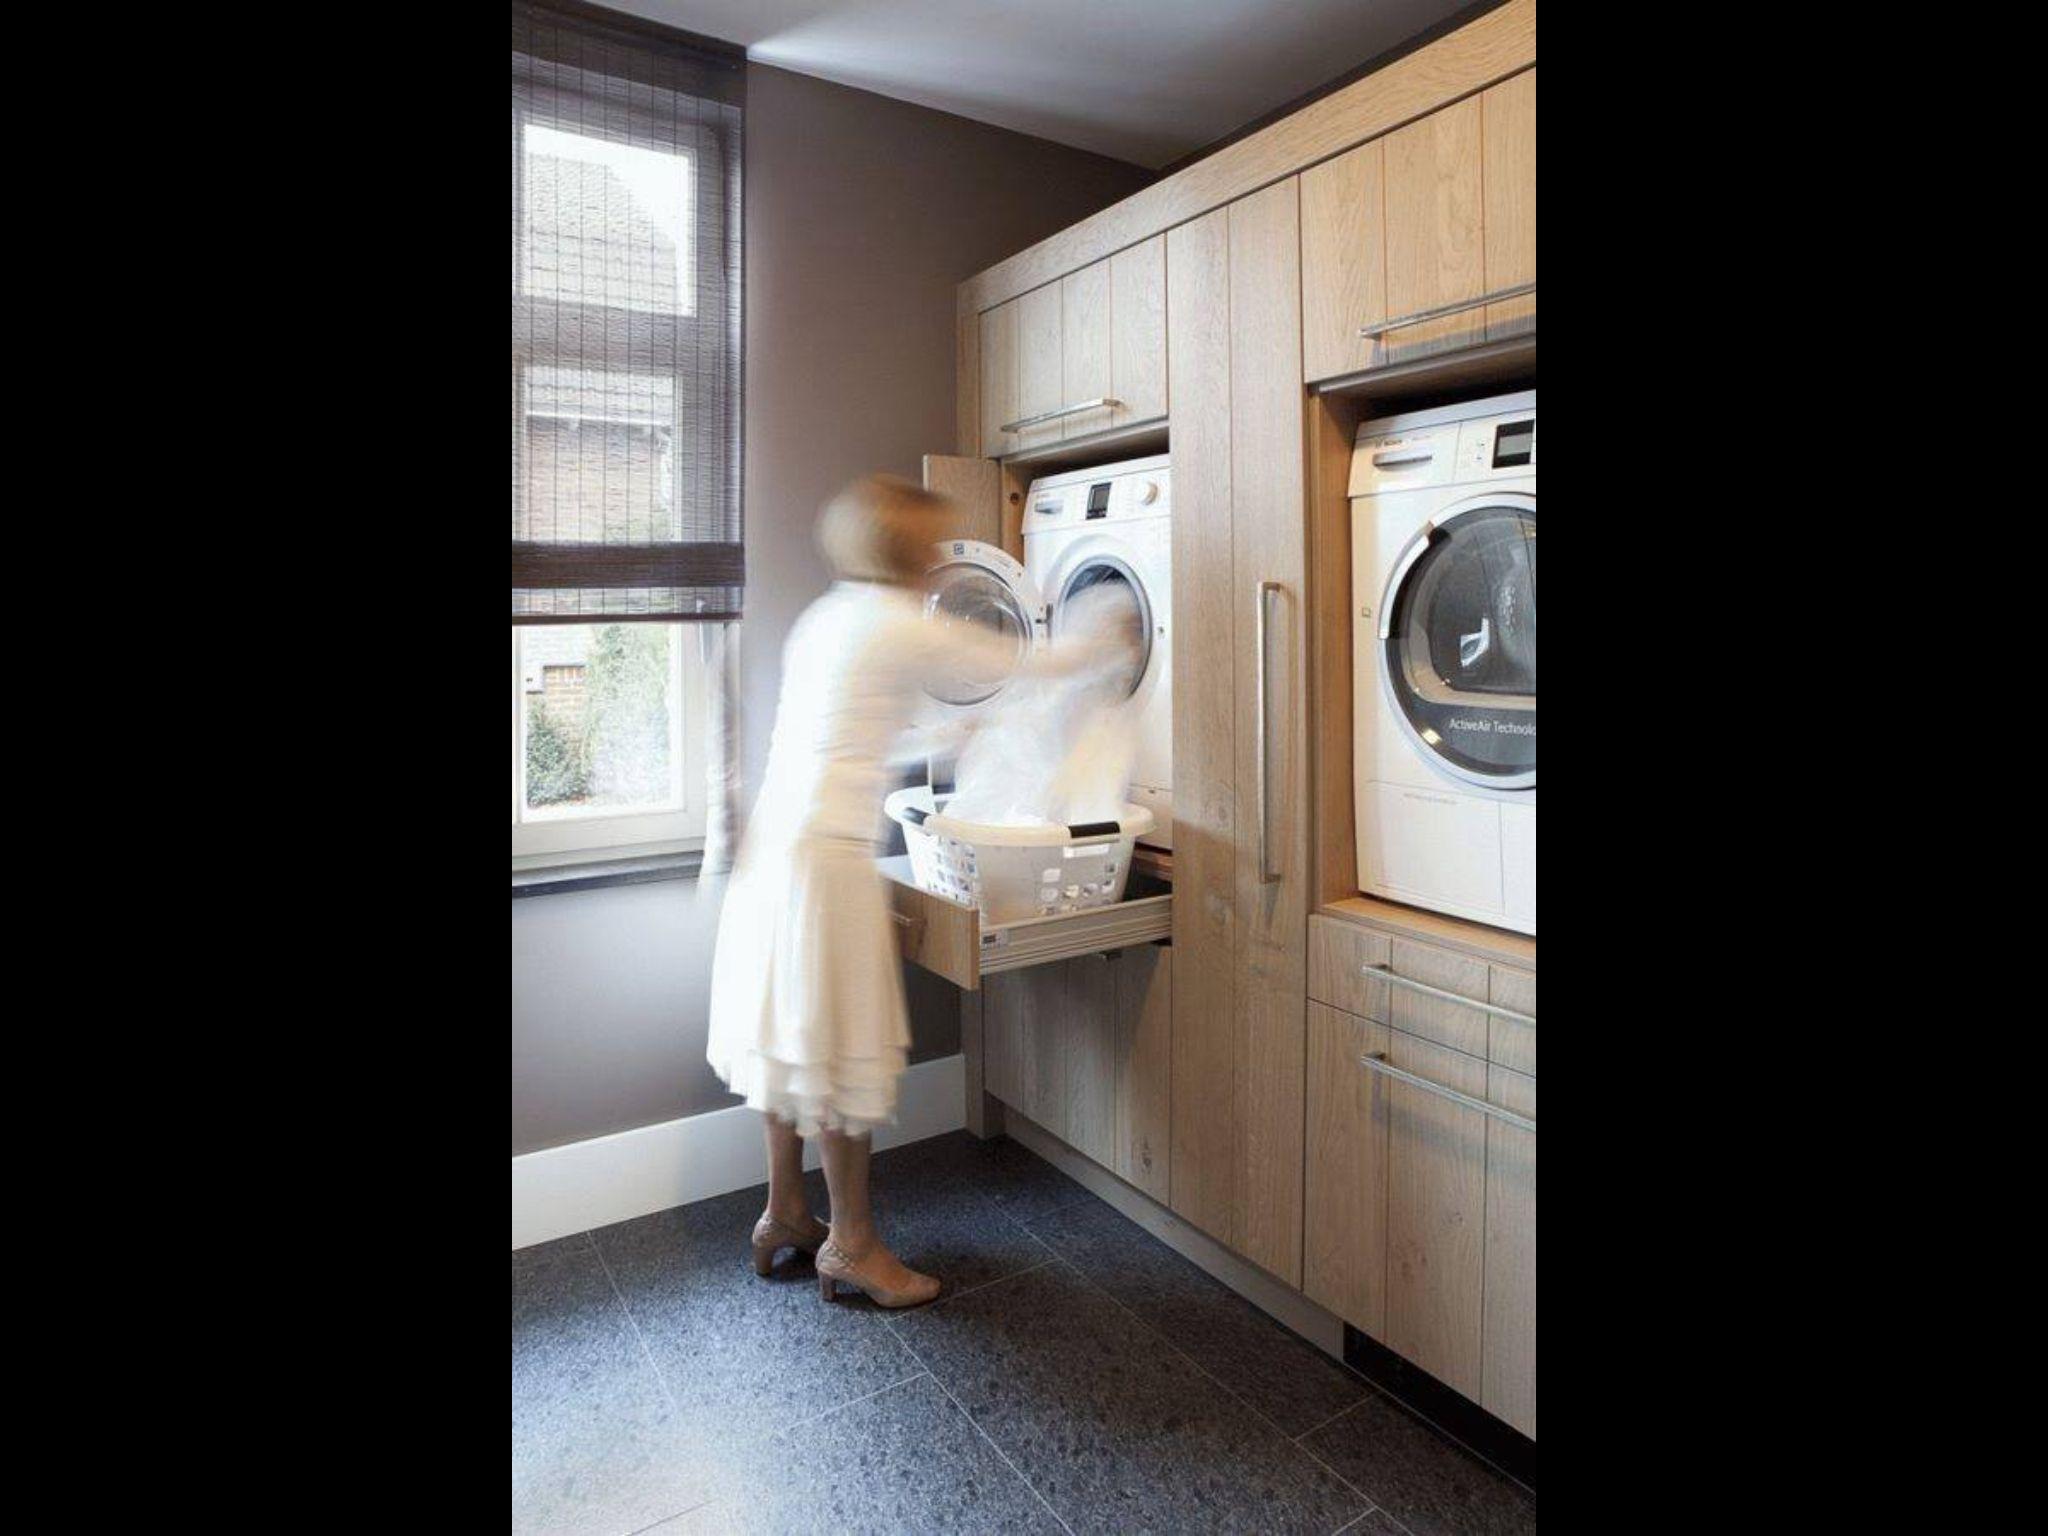 machine laver en hauteur plus le tiroir pour la manne linge bonne id e rangement. Black Bedroom Furniture Sets. Home Design Ideas